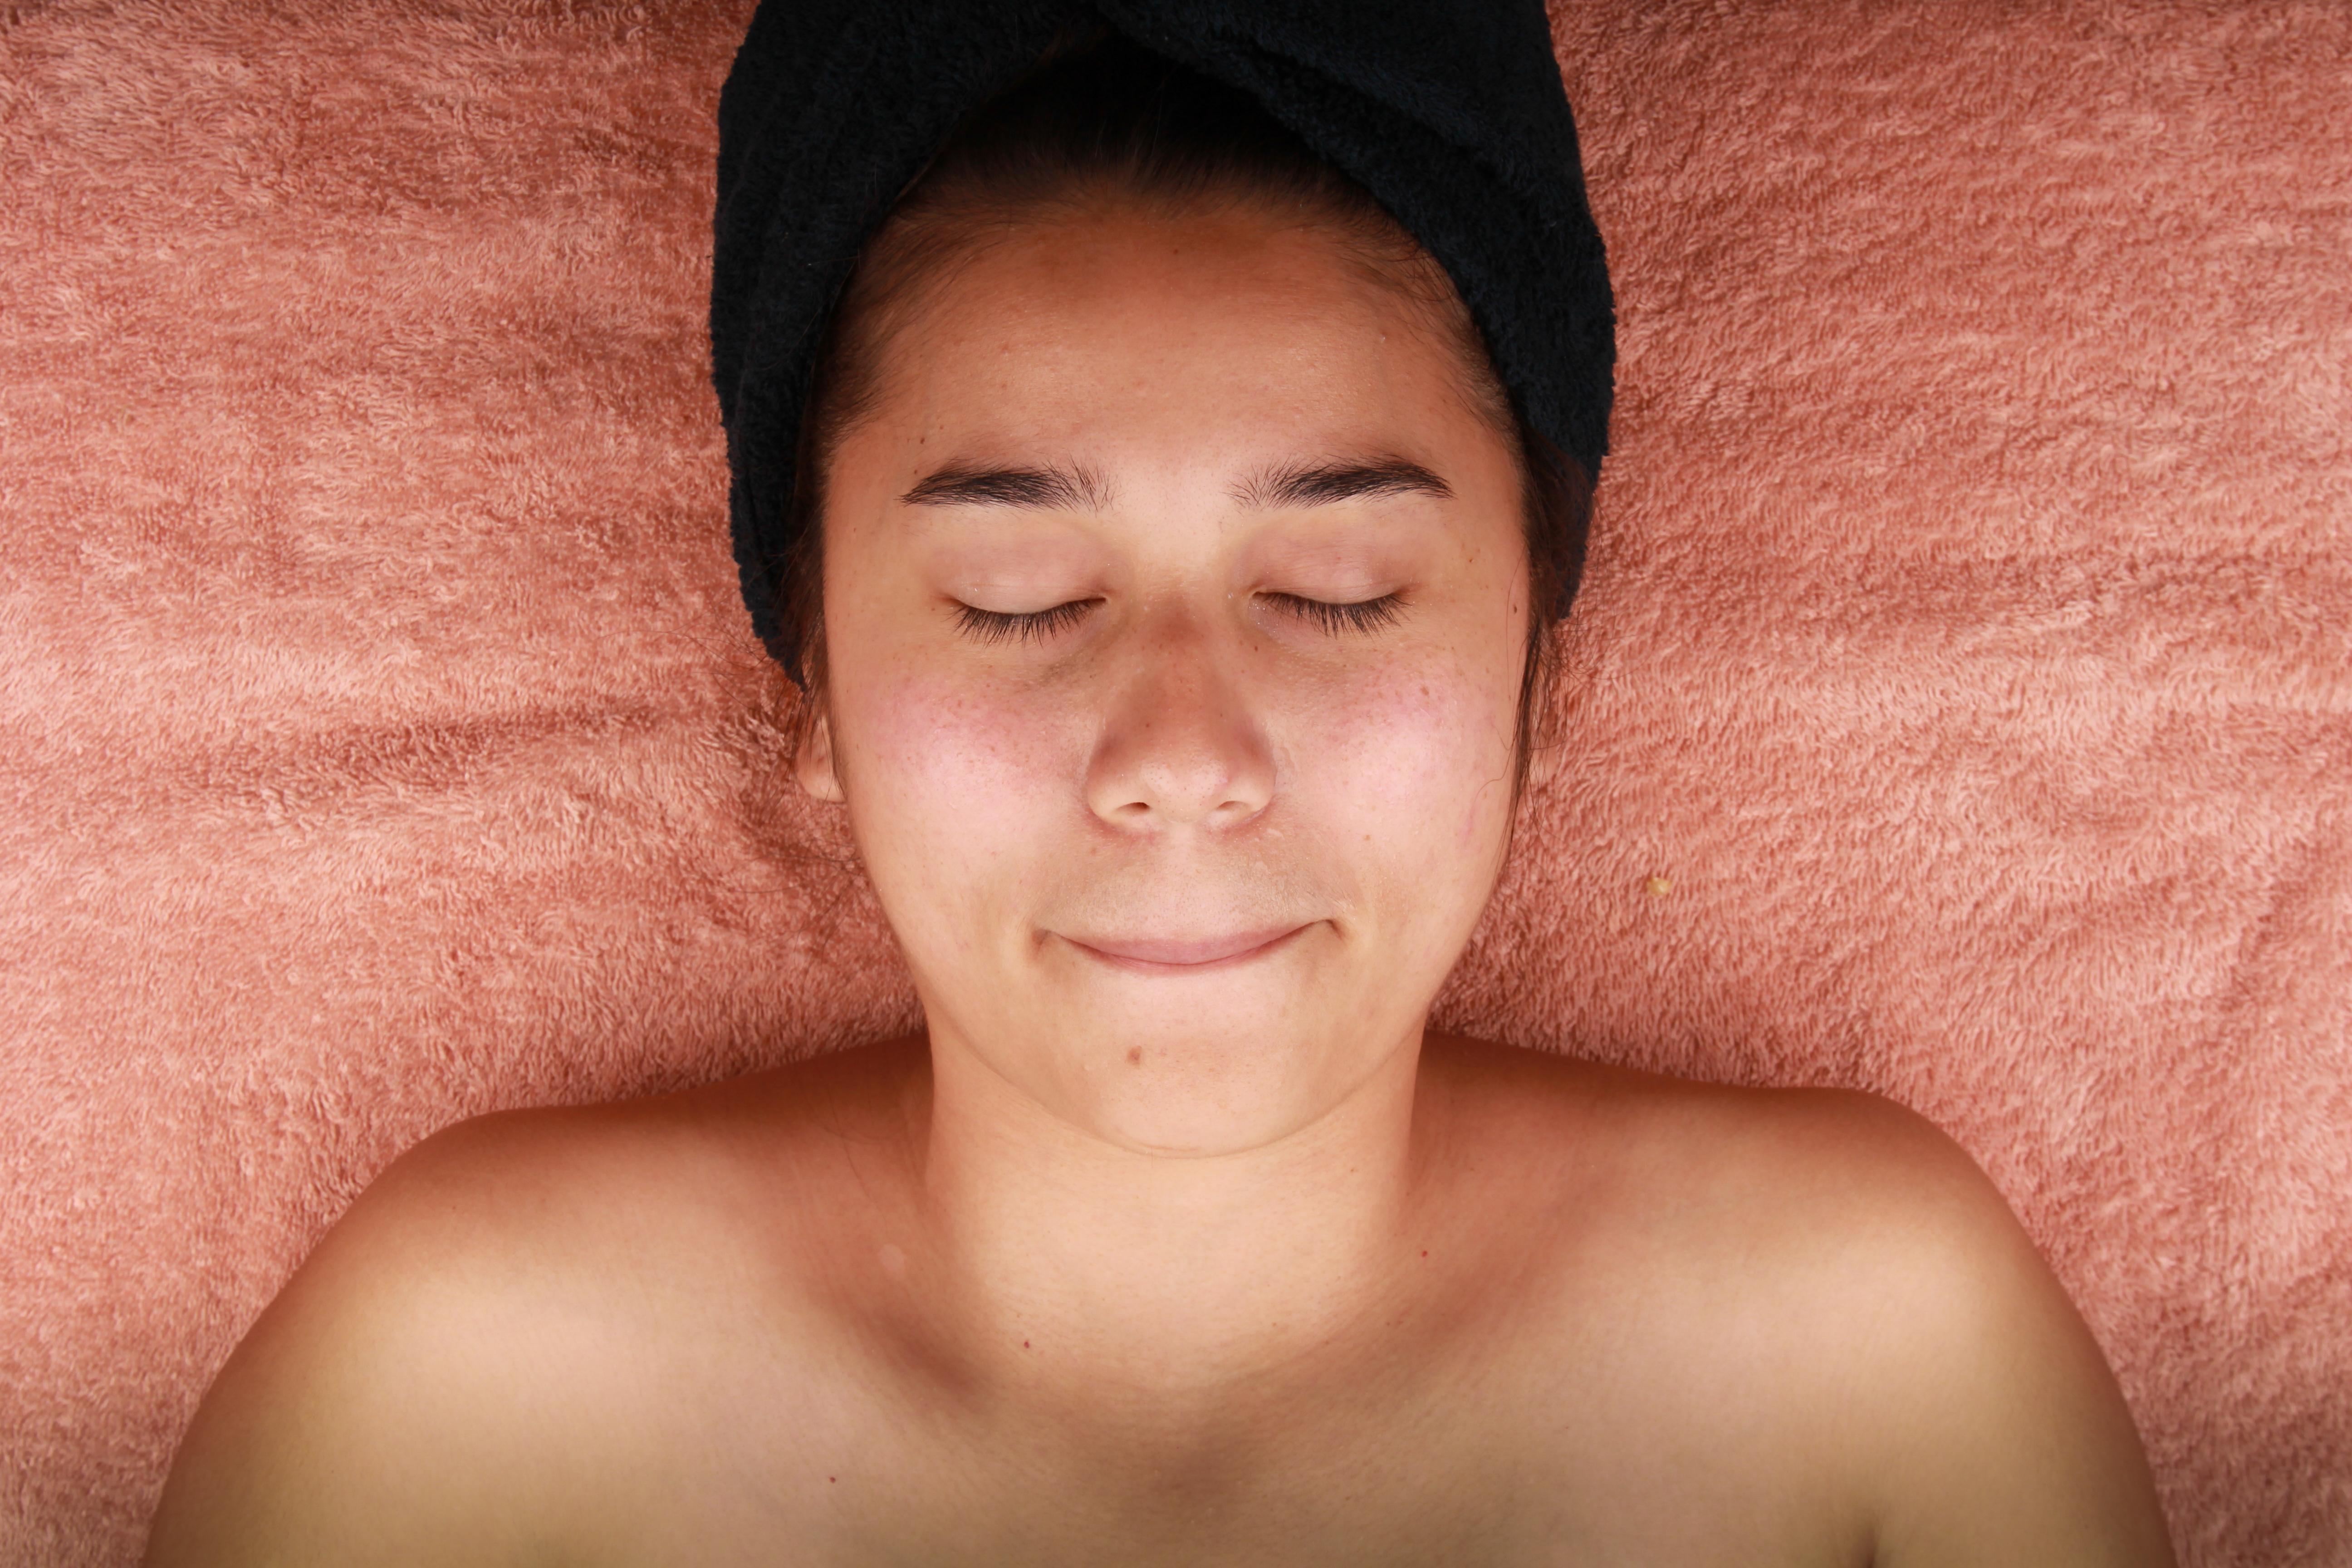 How to Reduce Facial Redness